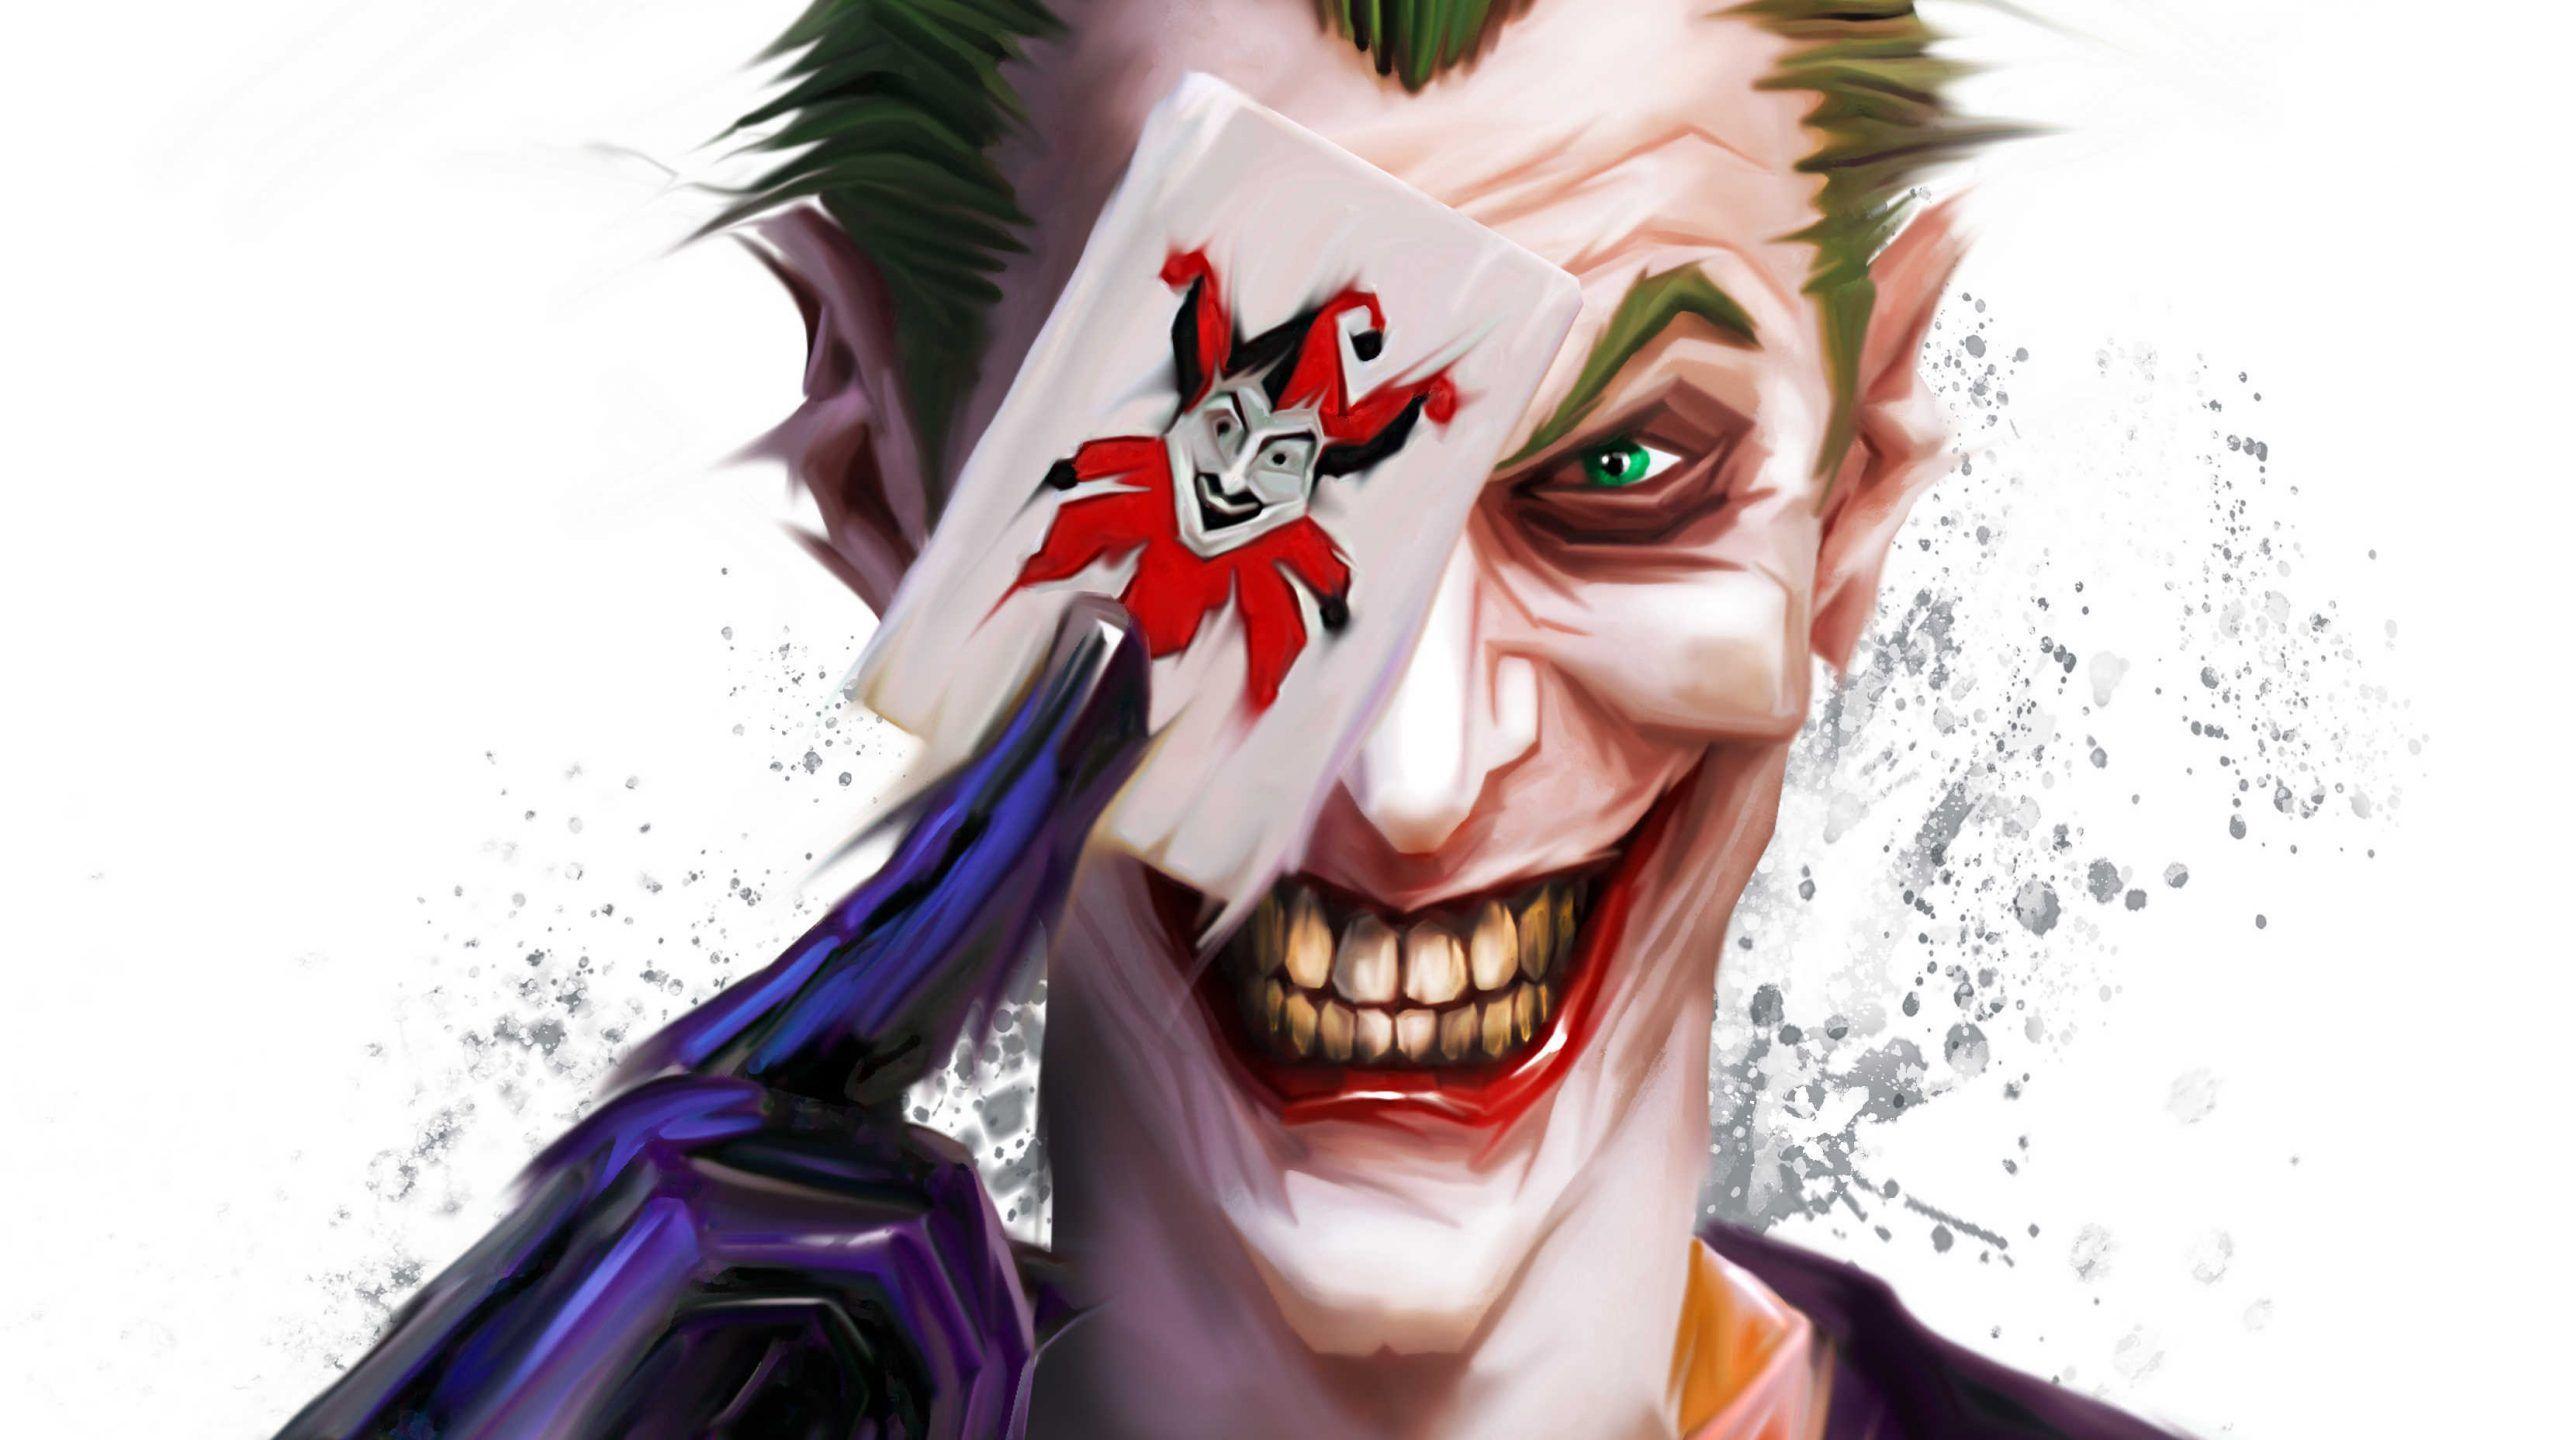 Joker Wallpaper Hd 4k In 2021 Joker Wallpapers Joker Wallpaper 4k ultra hd joker wallpaper 2021